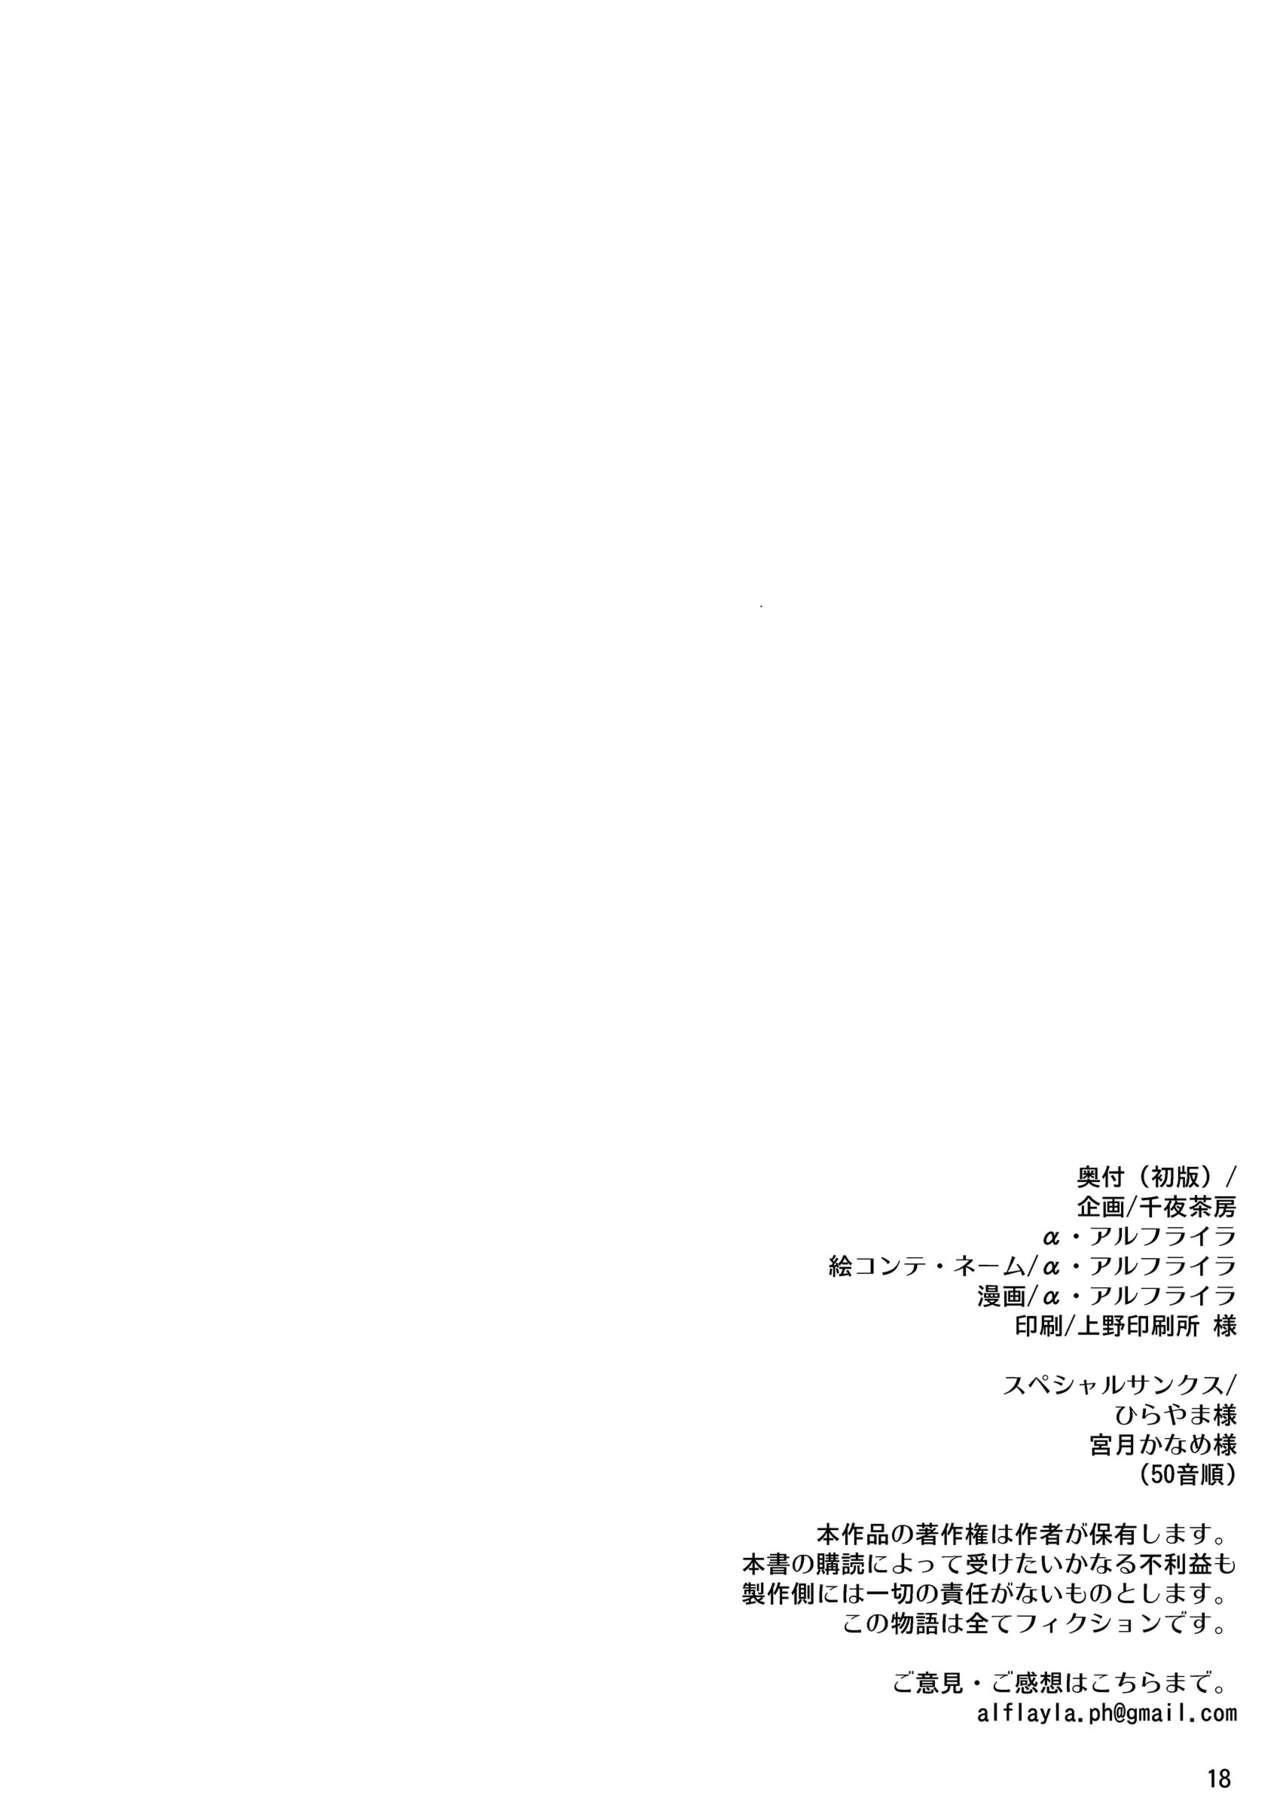 Futanari Onee-san x Otokonoko Gyaku Anal SEX Mesu Ochi Kanojo 2 17